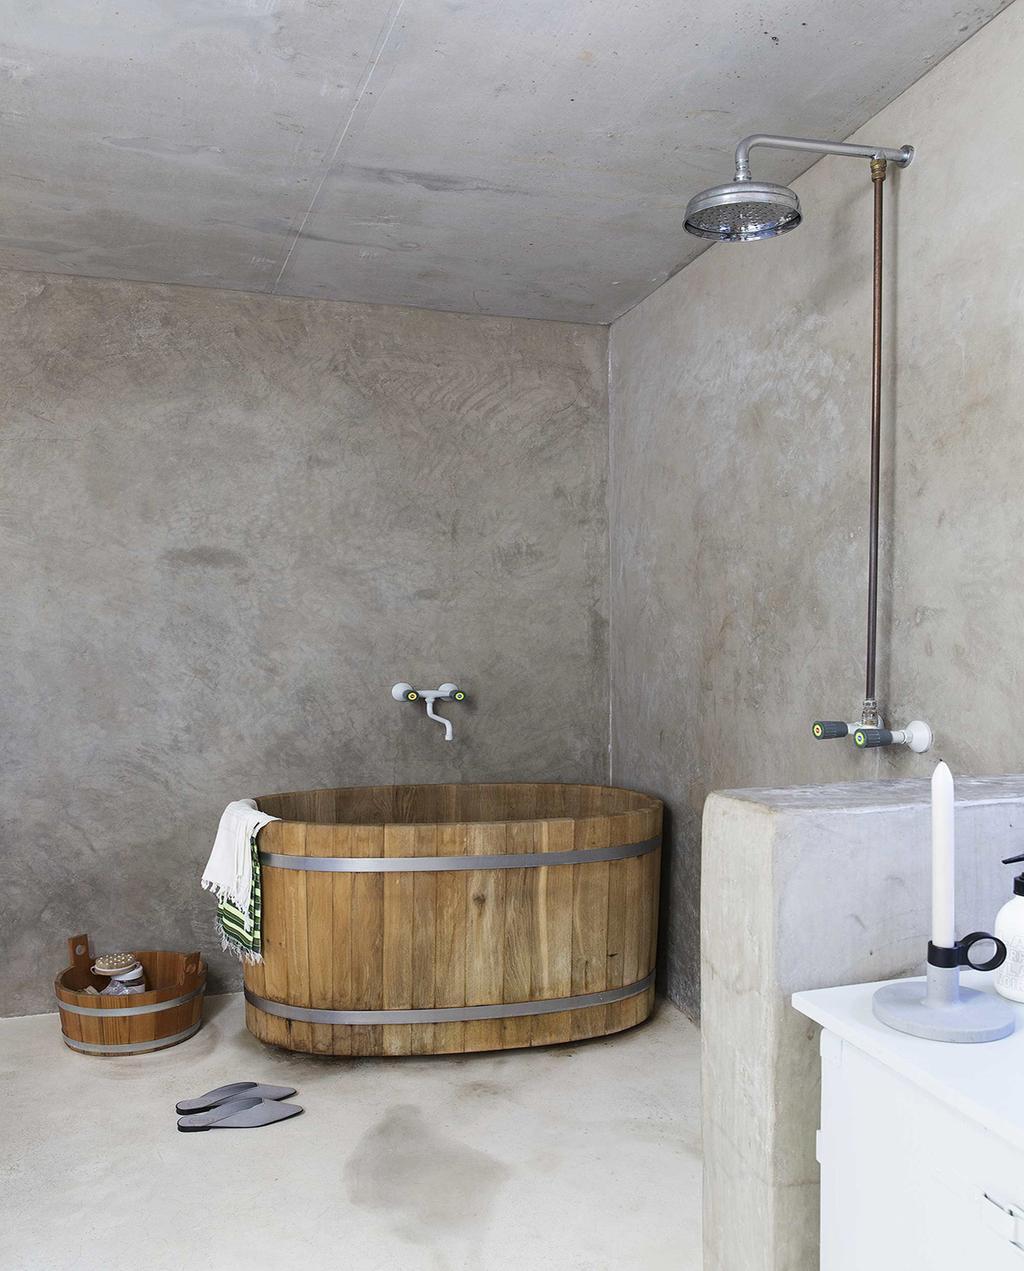 vtwonen 08-2016 | badkamer met rond bad van naturel hout